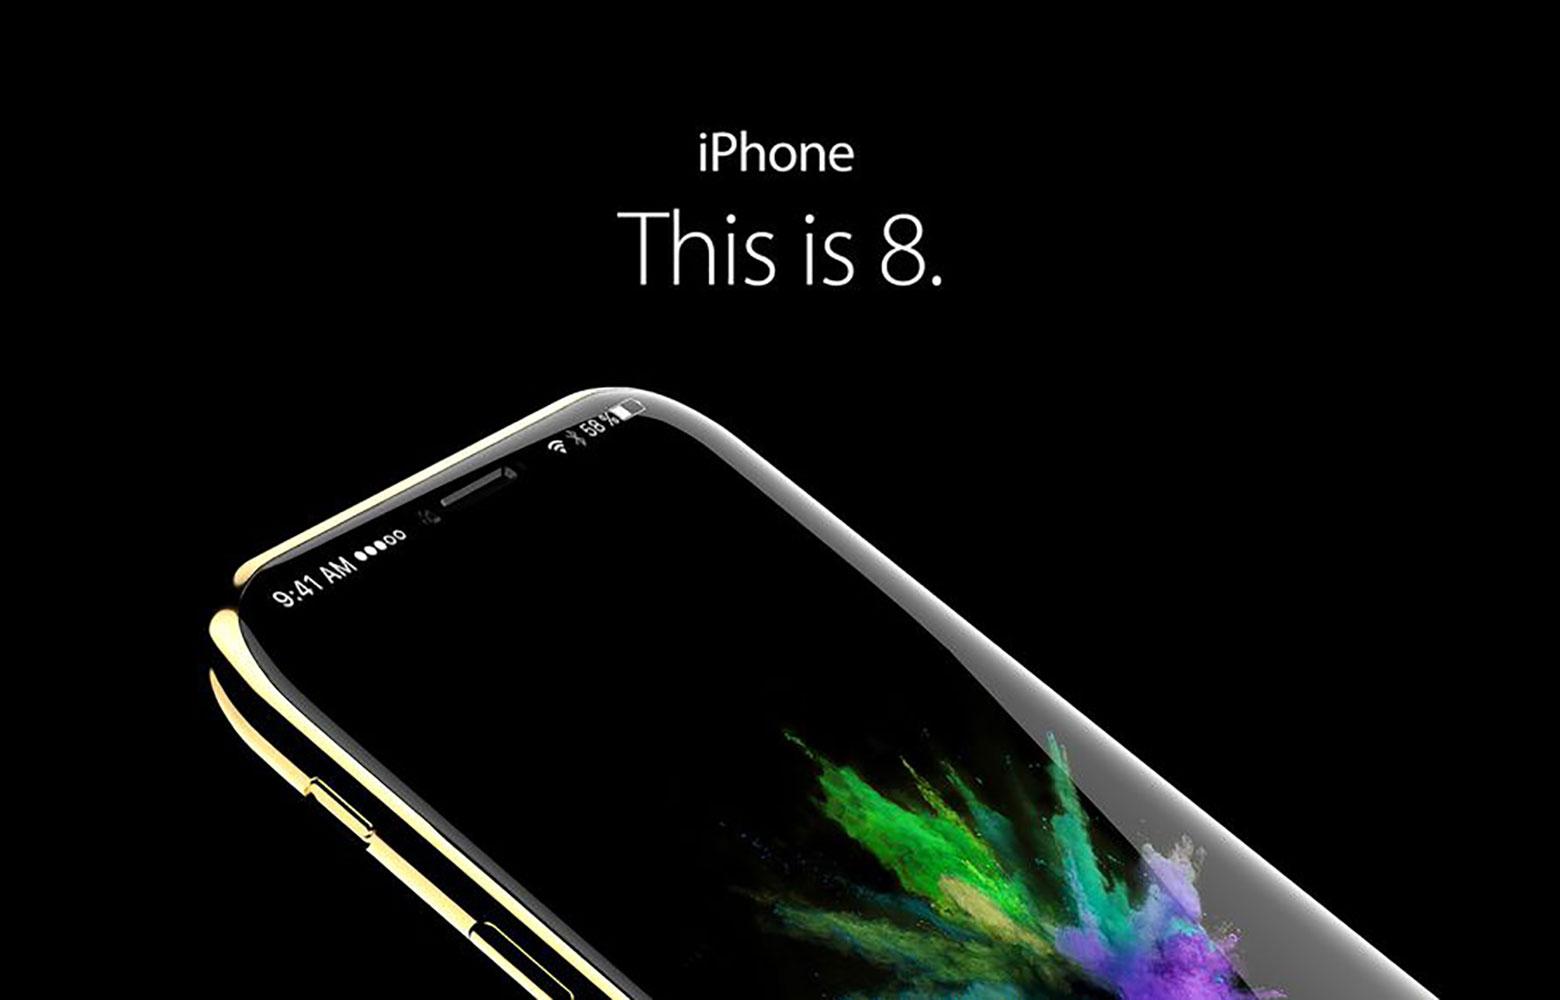 ultimo iphone 6 precio